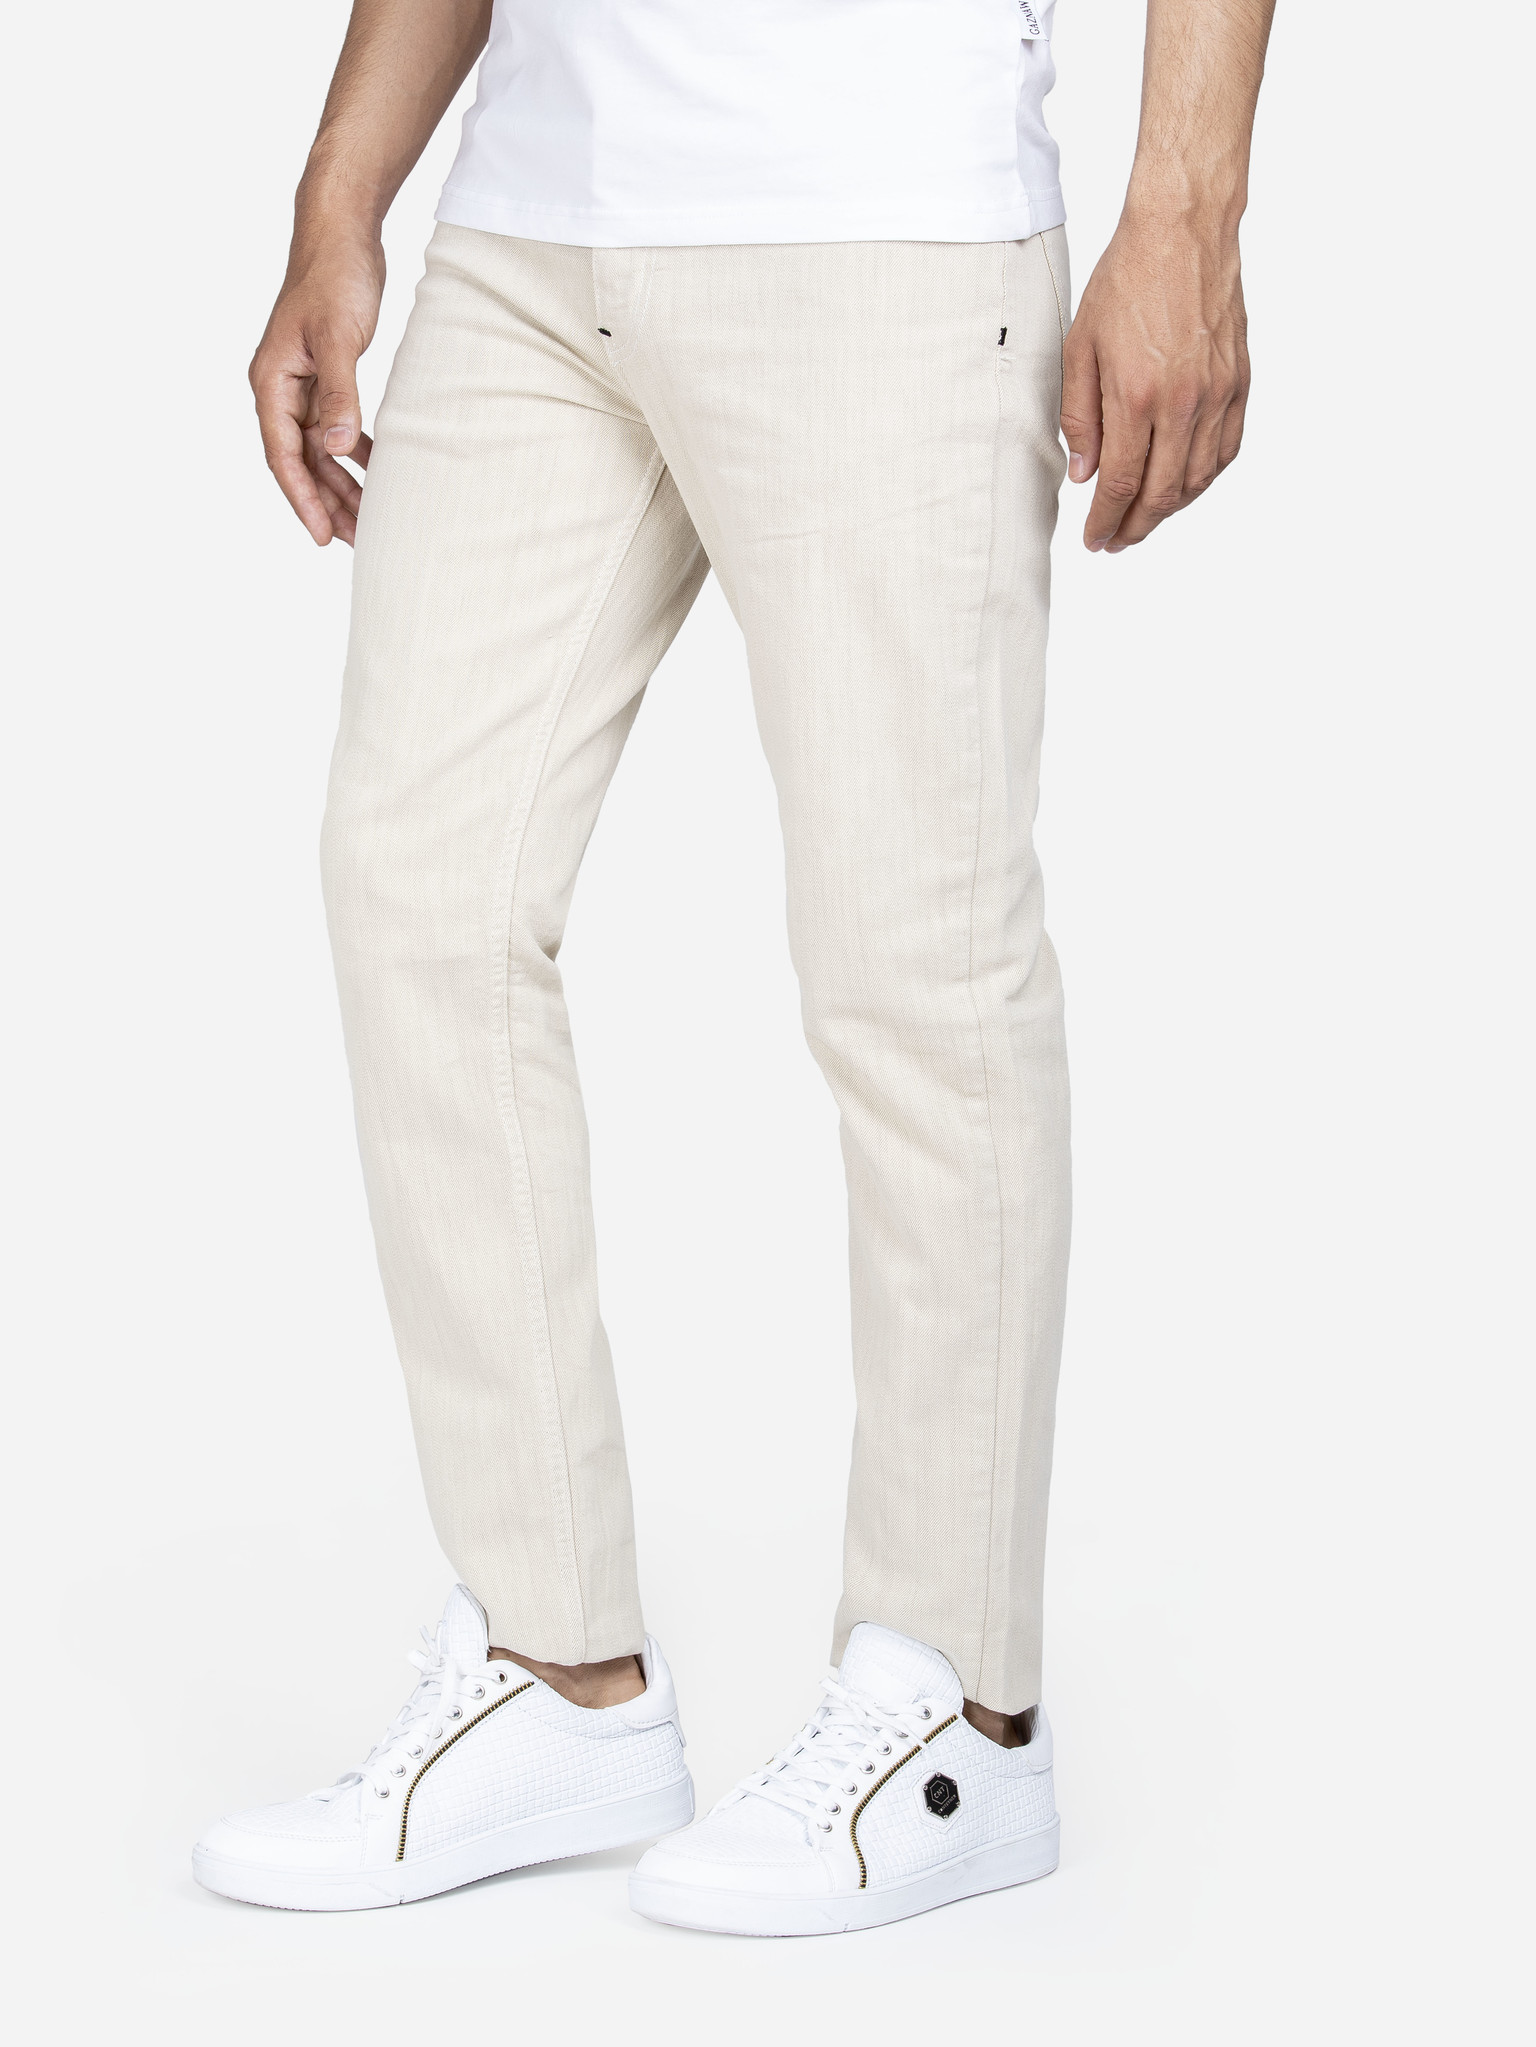 Gaznawi Jeans 68060 Beige L34 Maat: 40/34